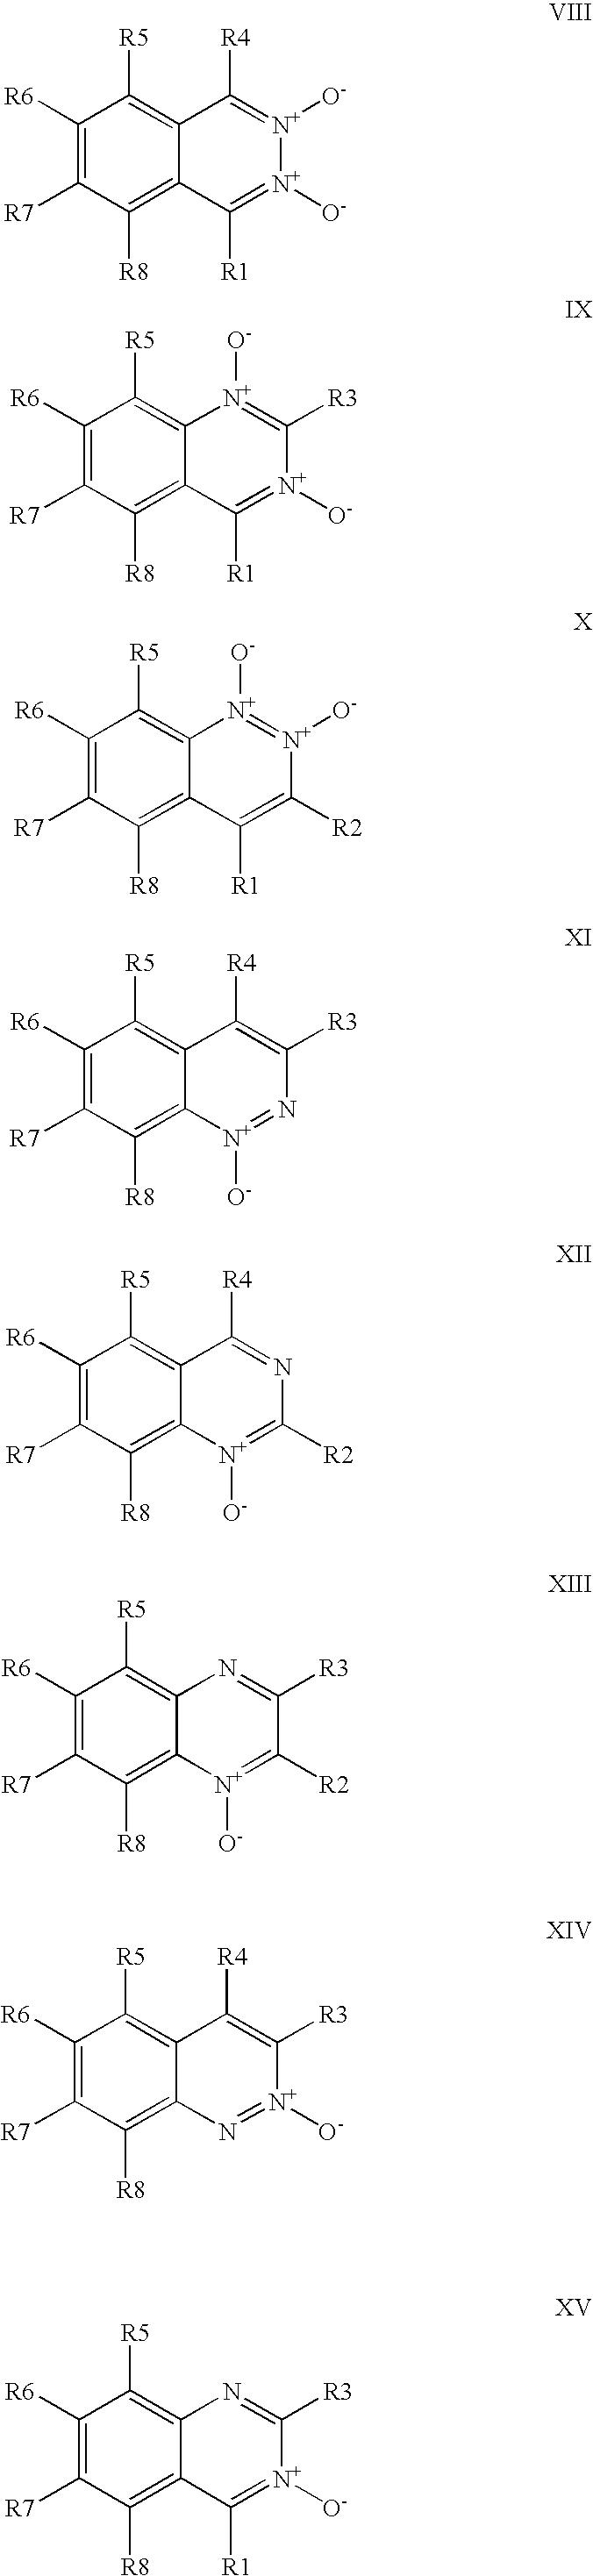 Figure US07288123-20071030-C00055